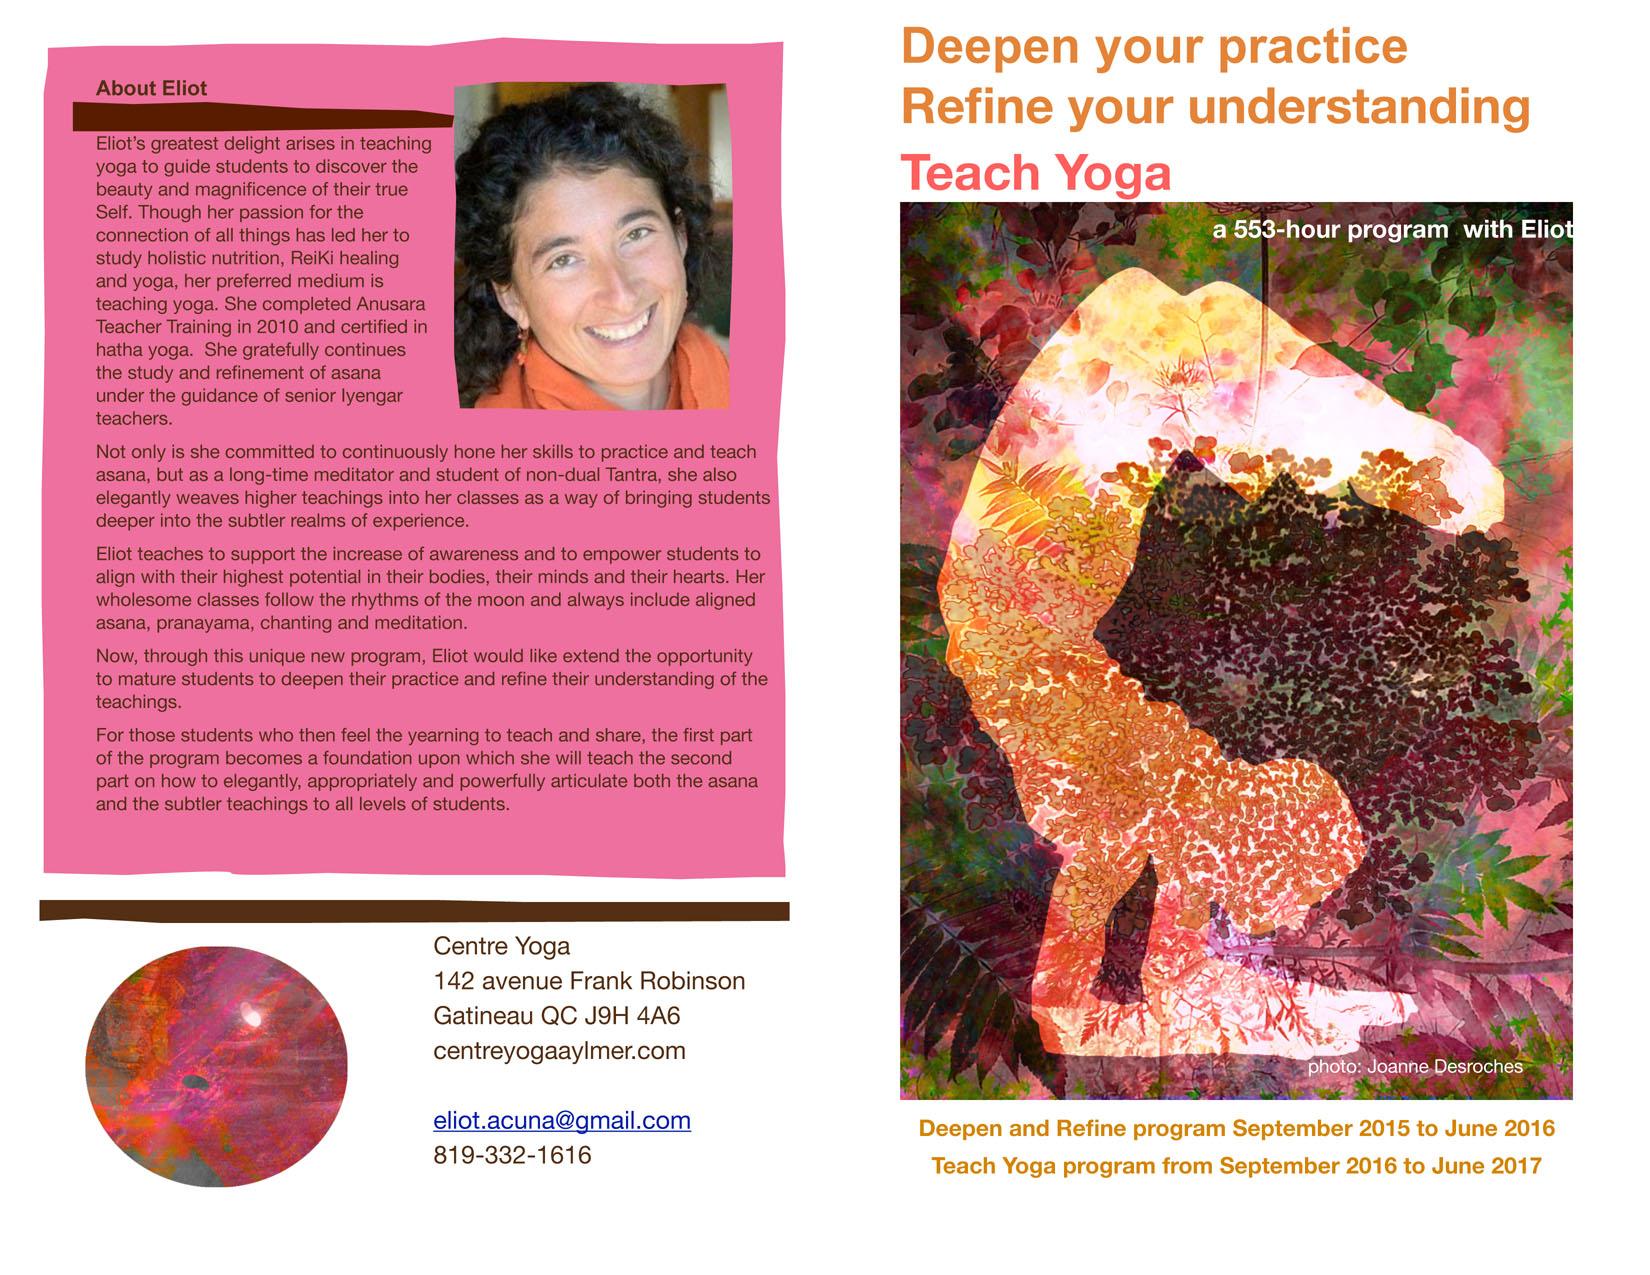 Deepen your practice program_FLYER_ENG-1.jpg